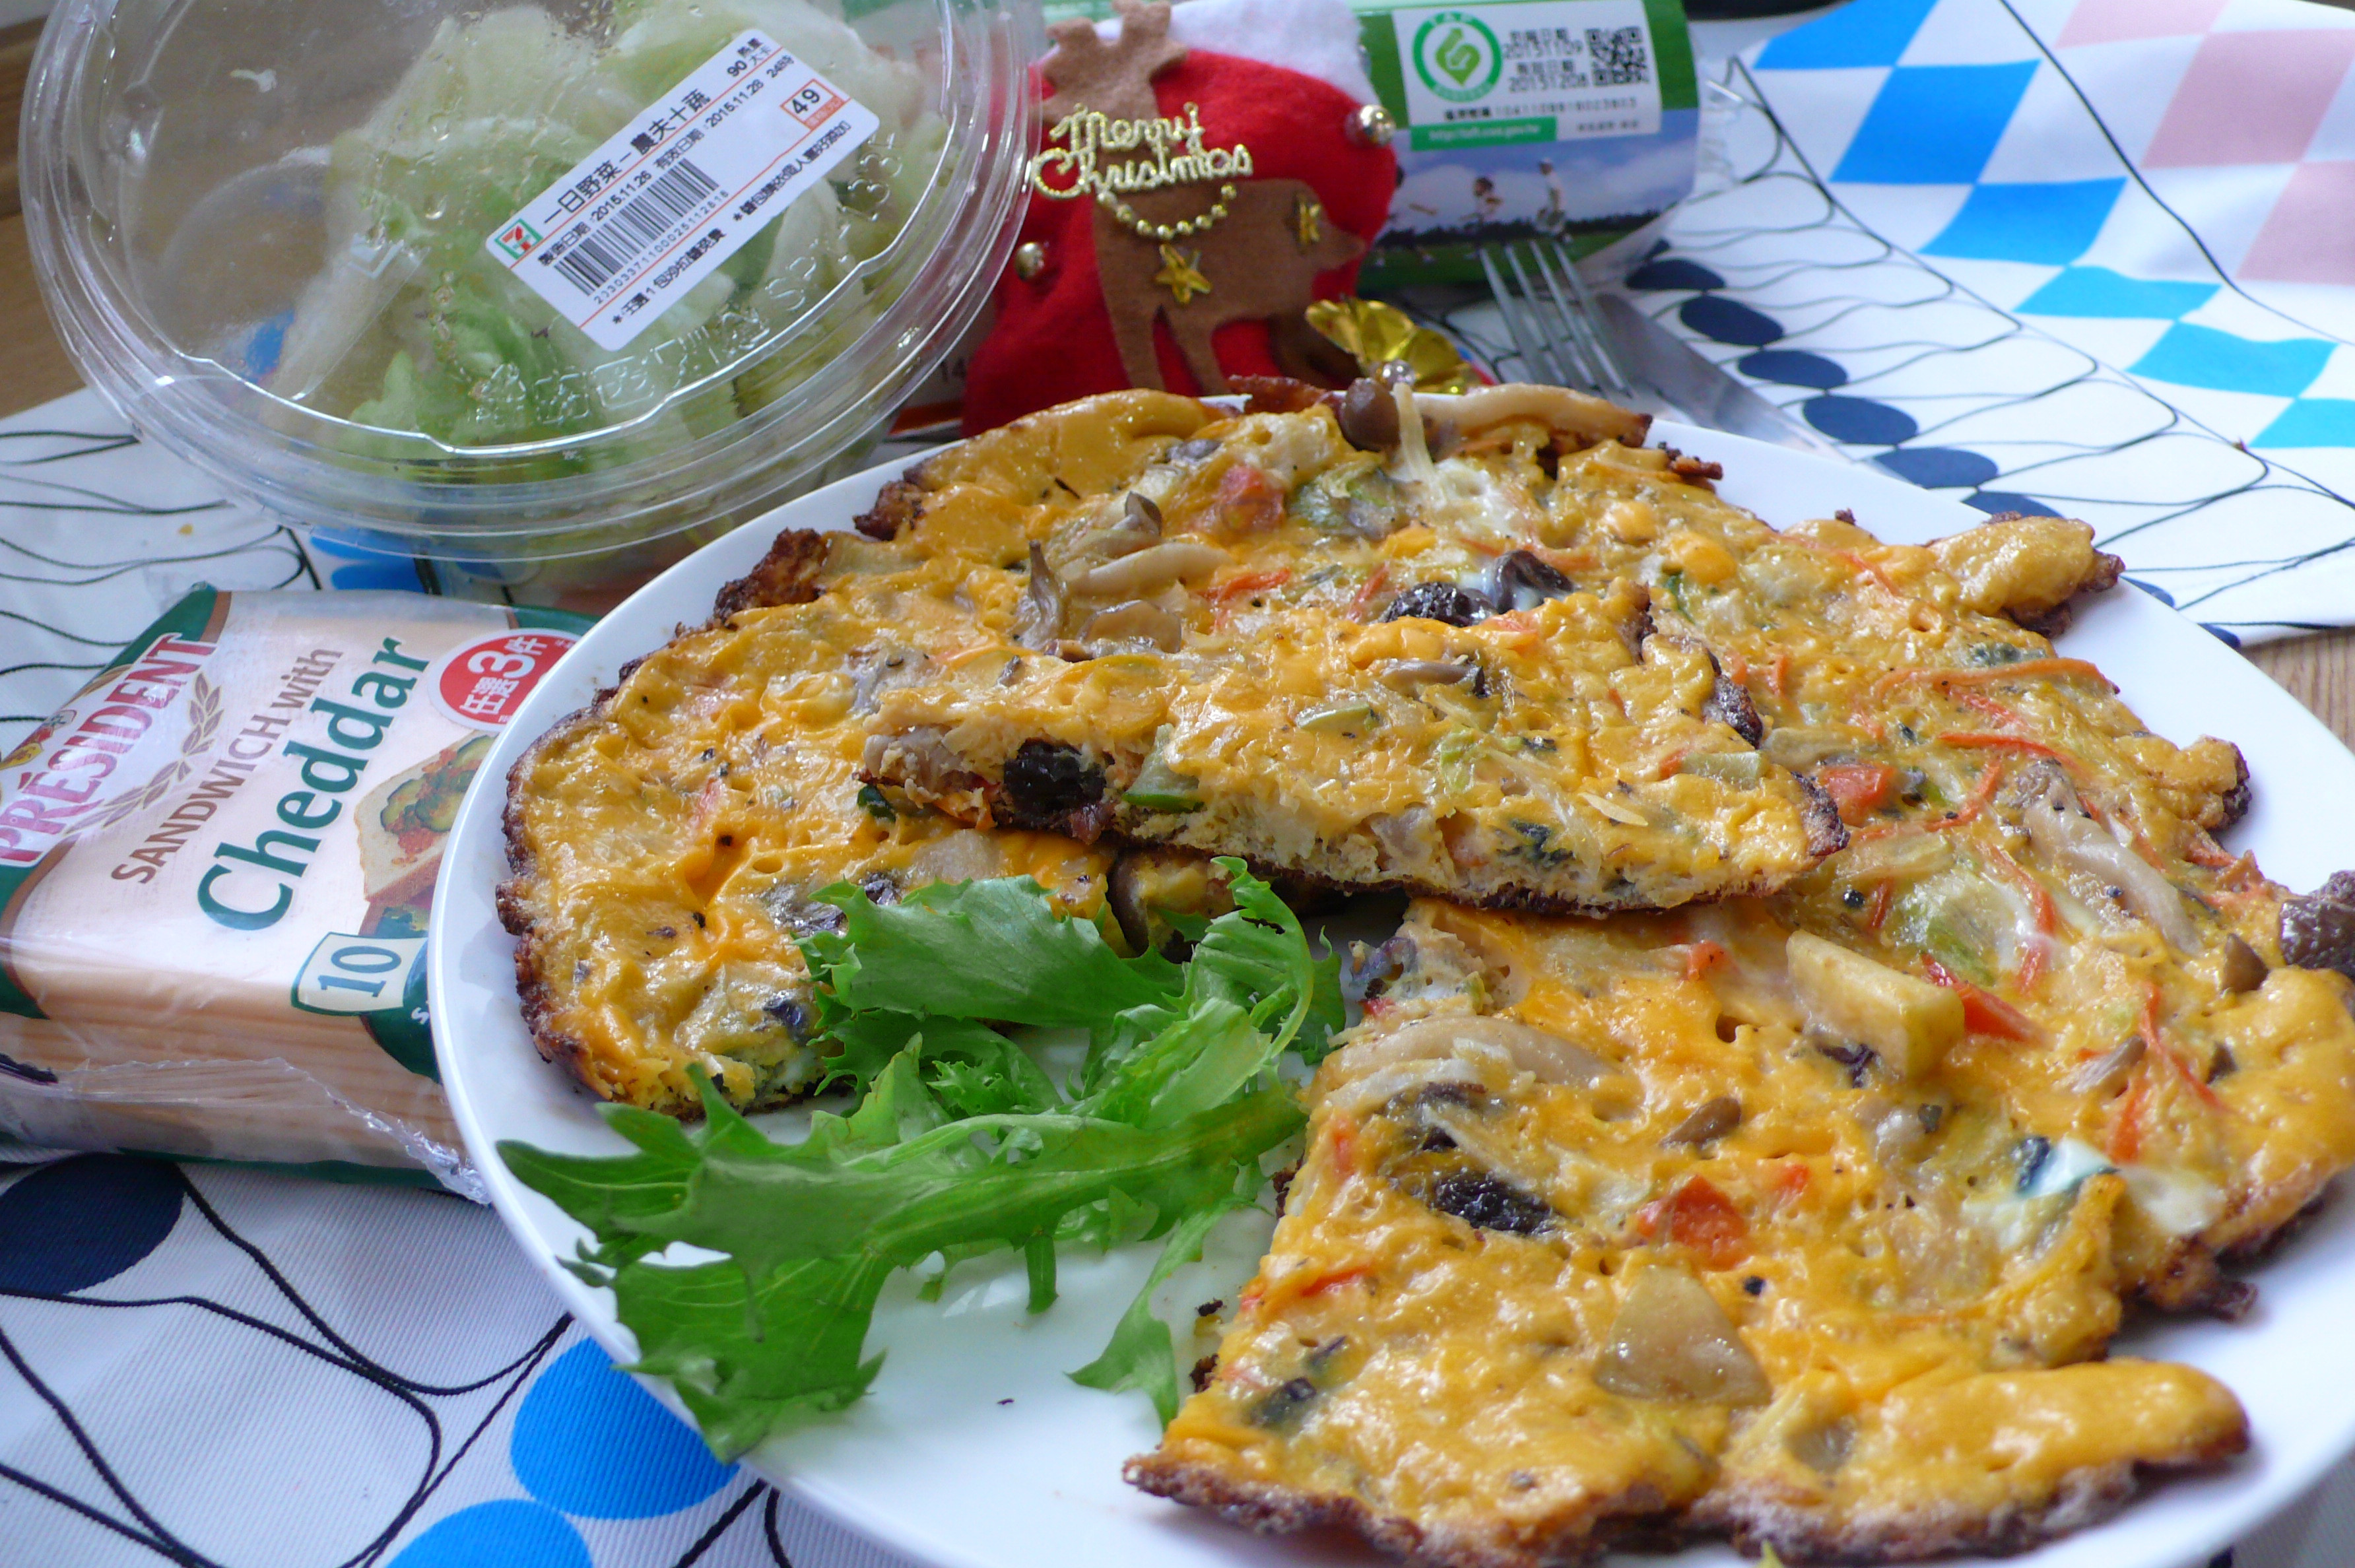 蔬菜烘蛋 - 小七派對美食